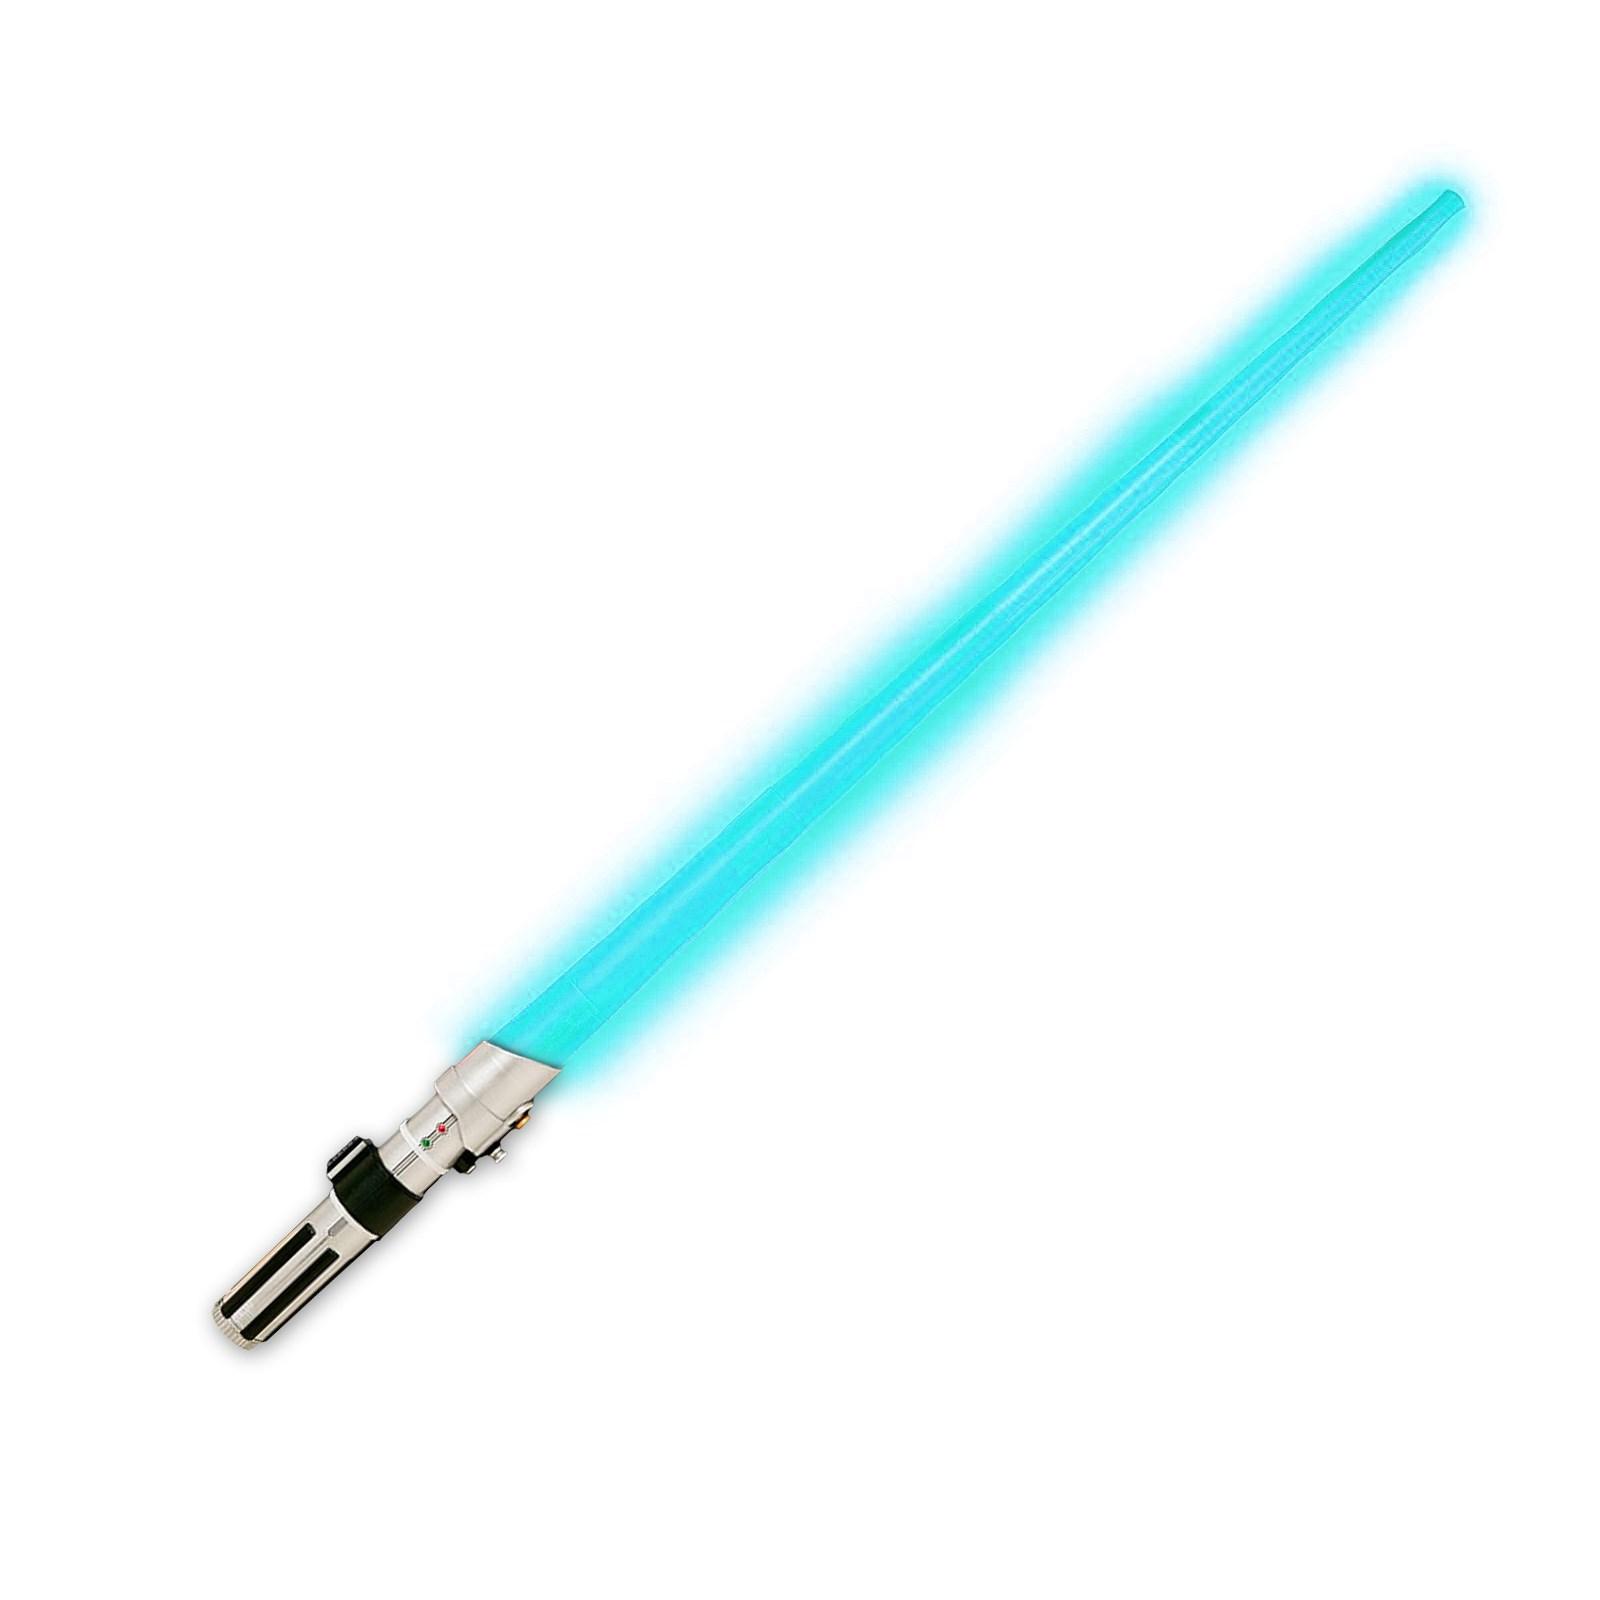 star wars anakin luke skywalker blue lightsaber. Black Bedroom Furniture Sets. Home Design Ideas